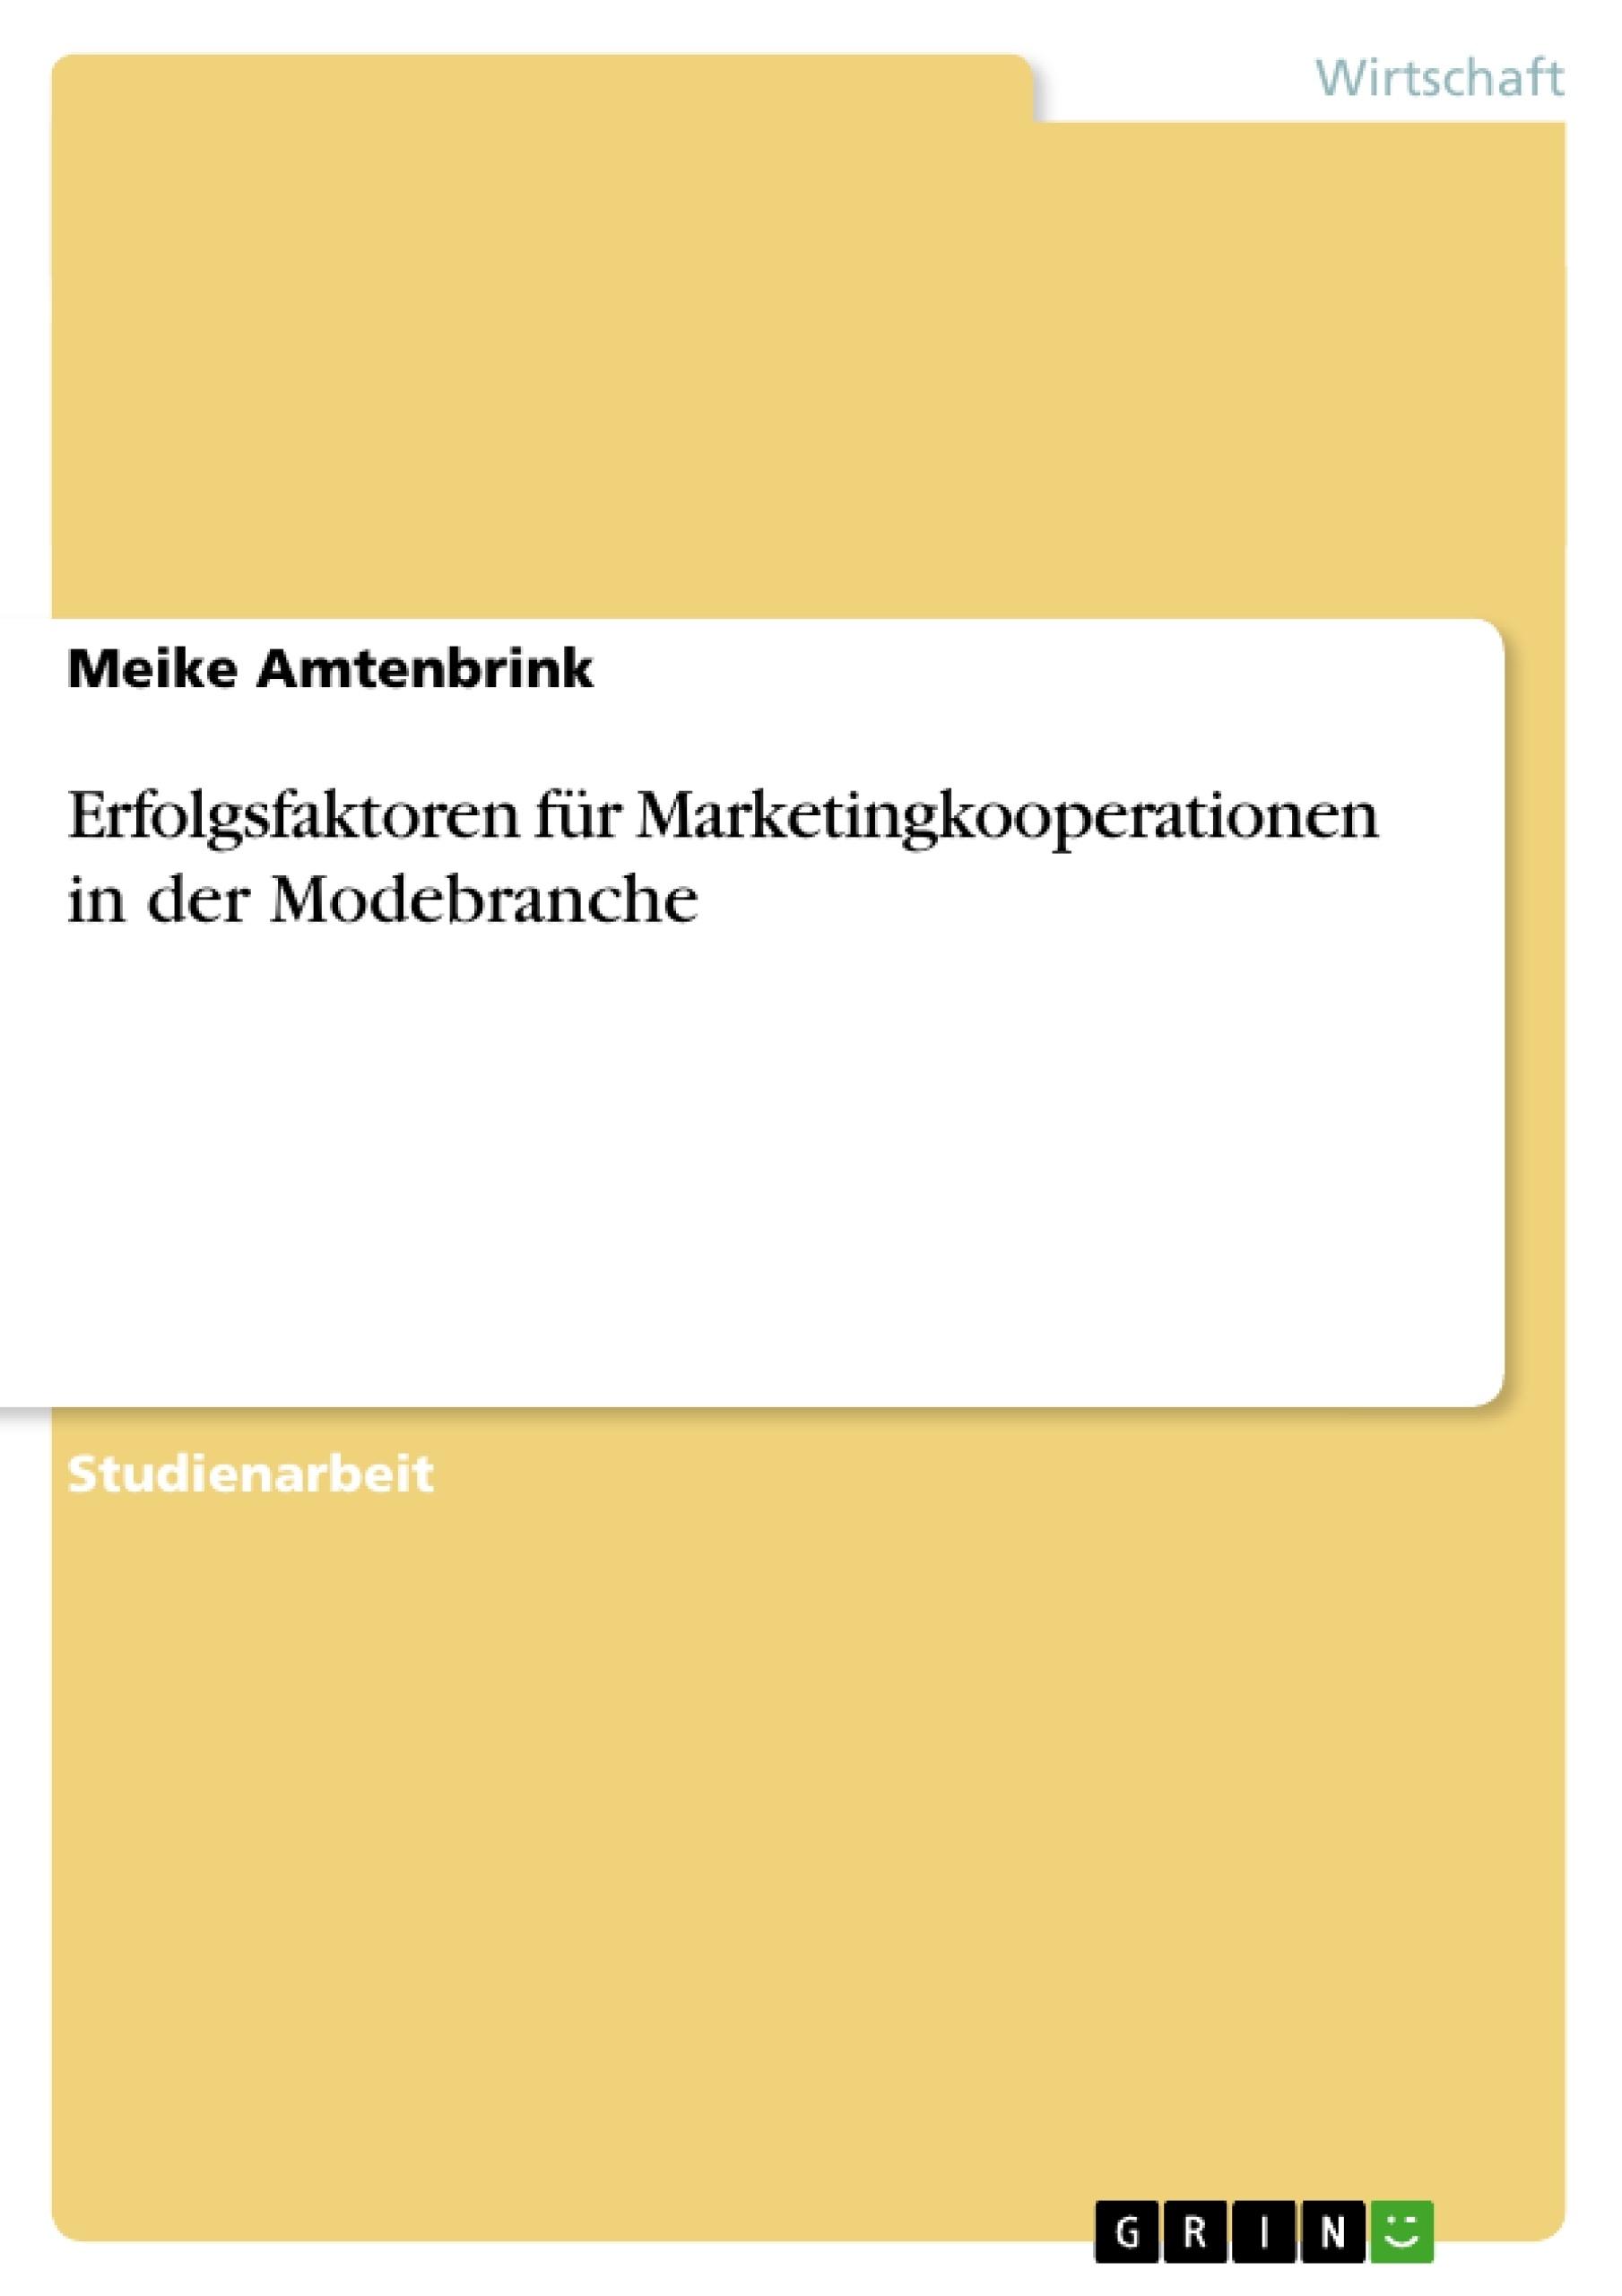 Titel: Erfolgsfaktoren für Marketingkooperationen in der Modebranche